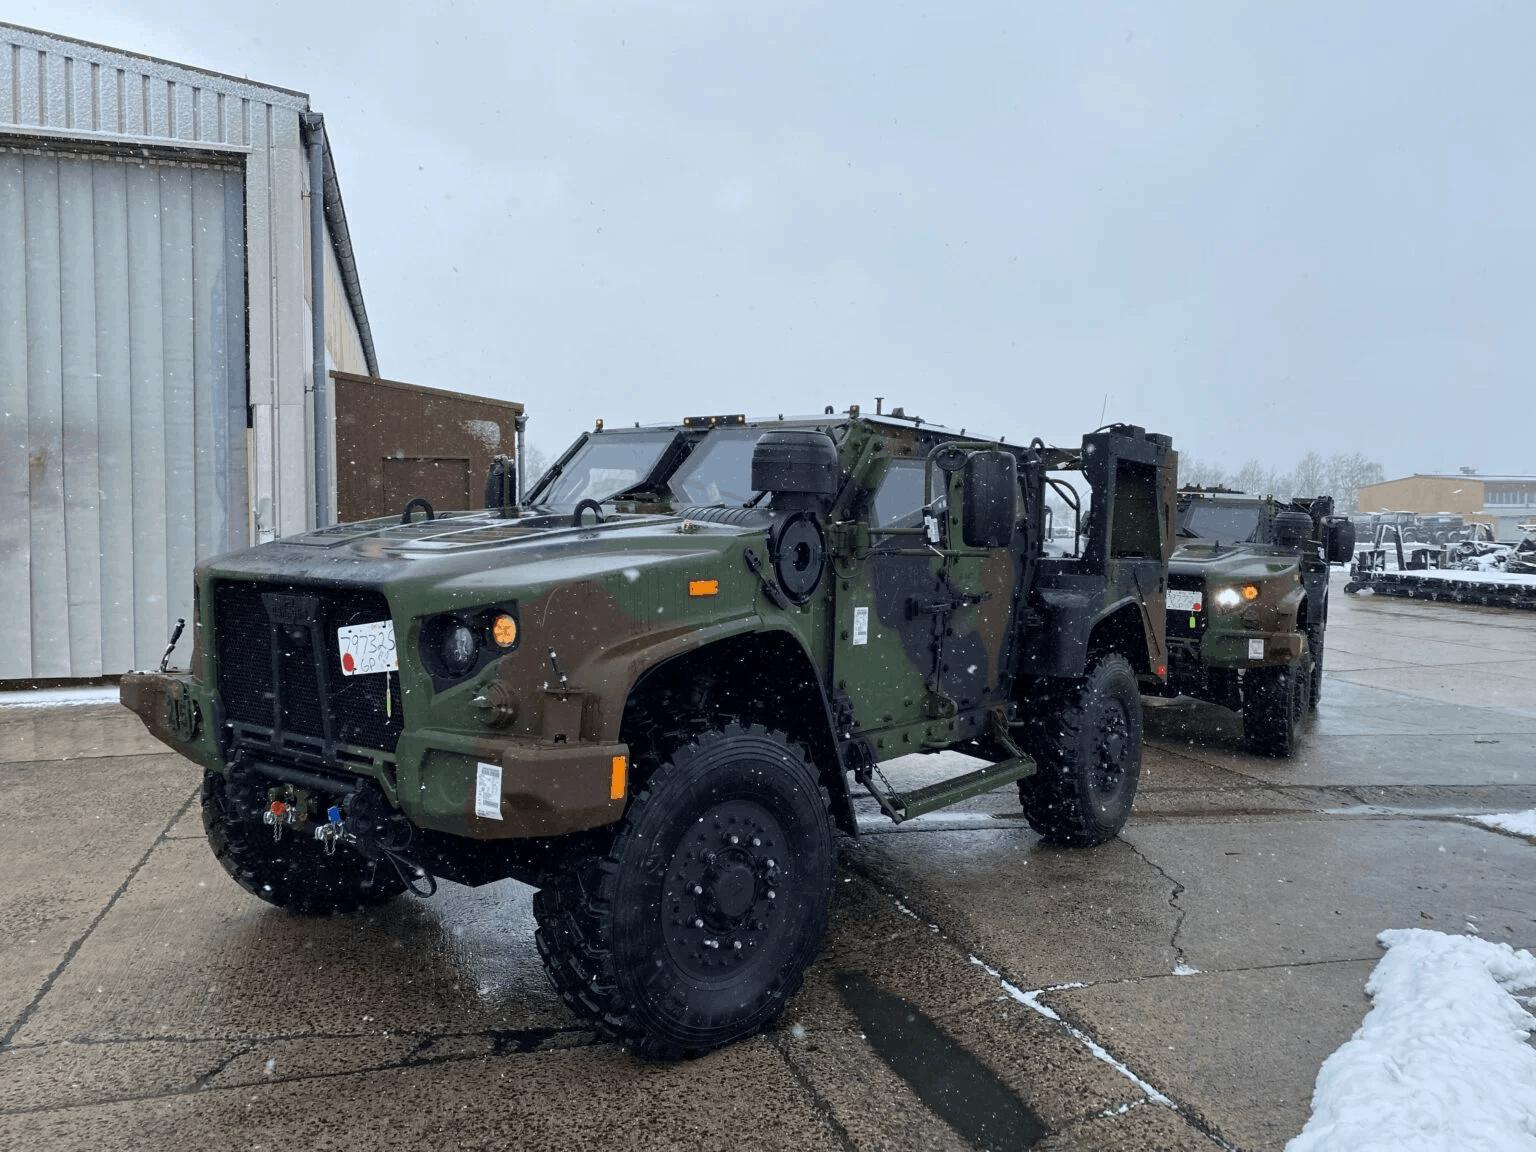 Машини JLTV 2-го кавалерійського полку армії США